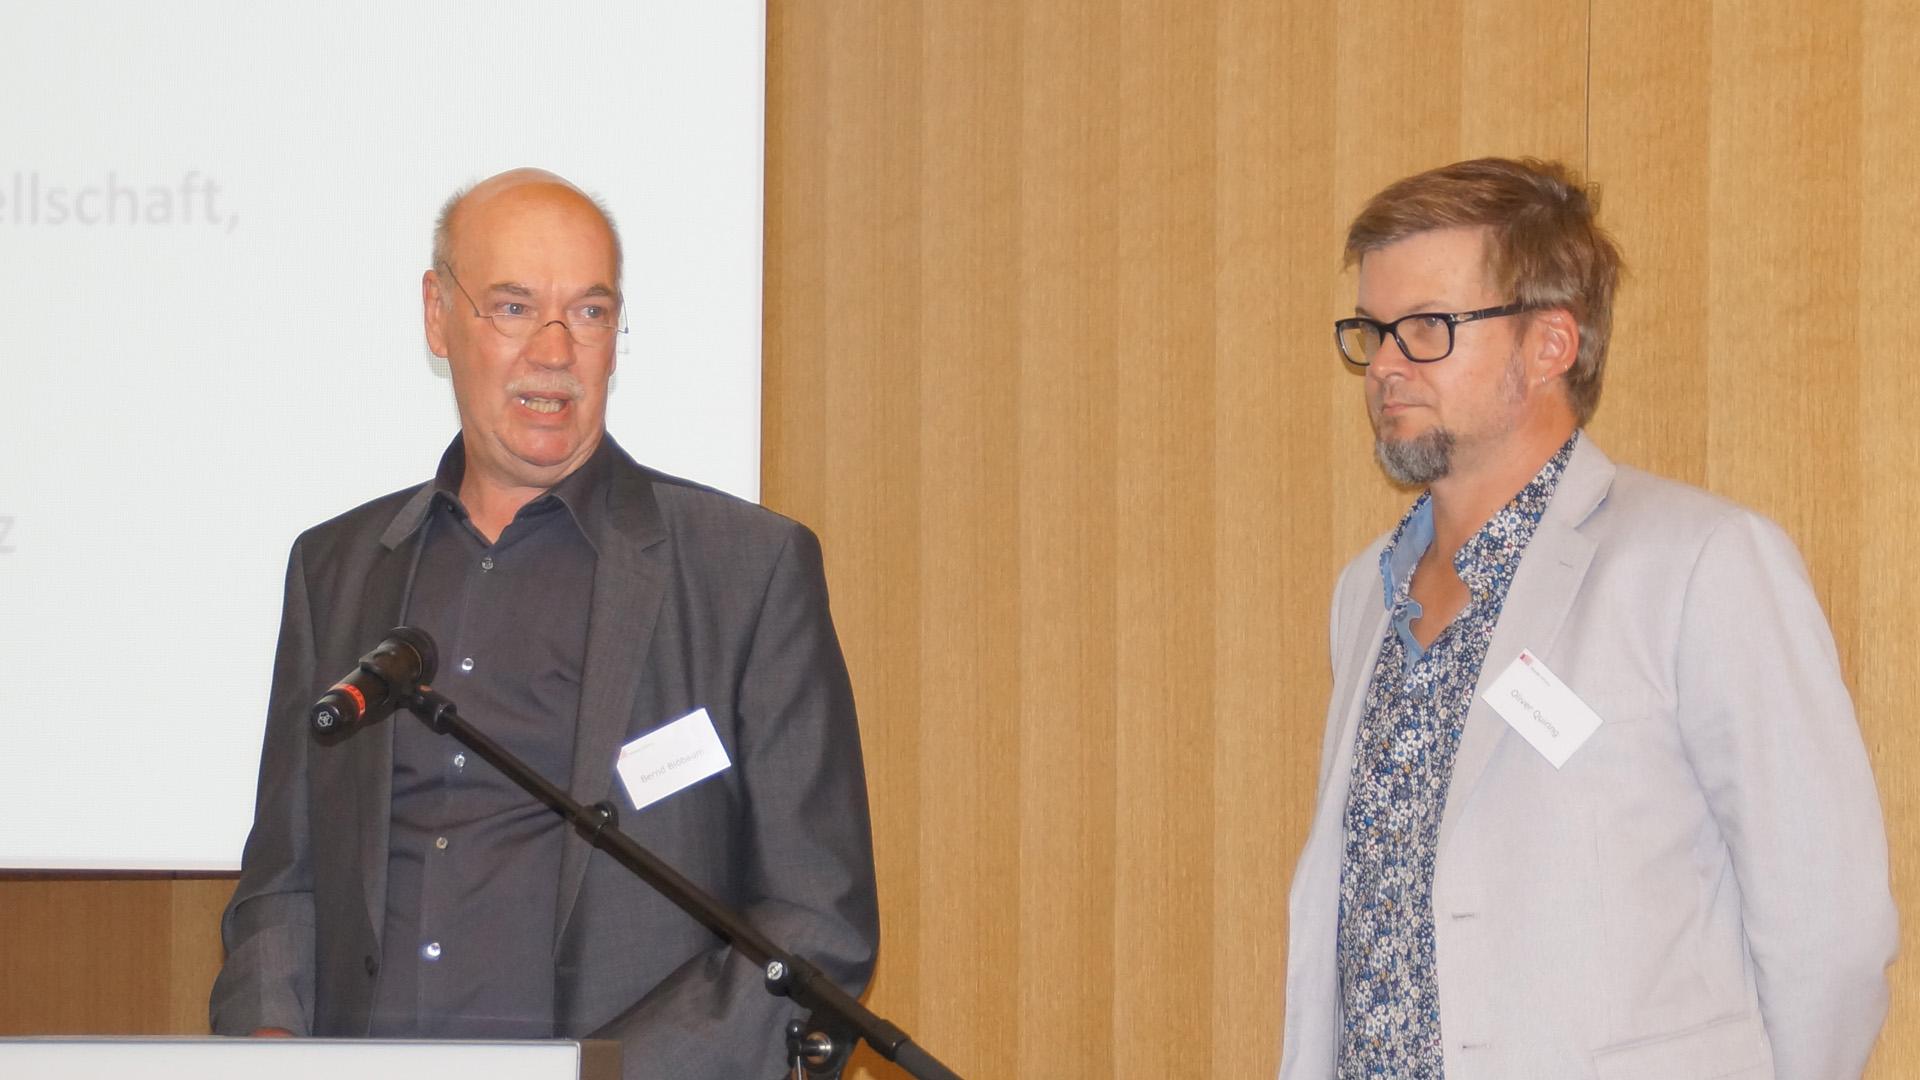 Die Kommunikationswissenschaftler Bernd Blöbaum und Oliver Quiring forschen zu der Frage, wie sehr die Menschen Medien und gesellschaftlichen Institutionen vertrauen